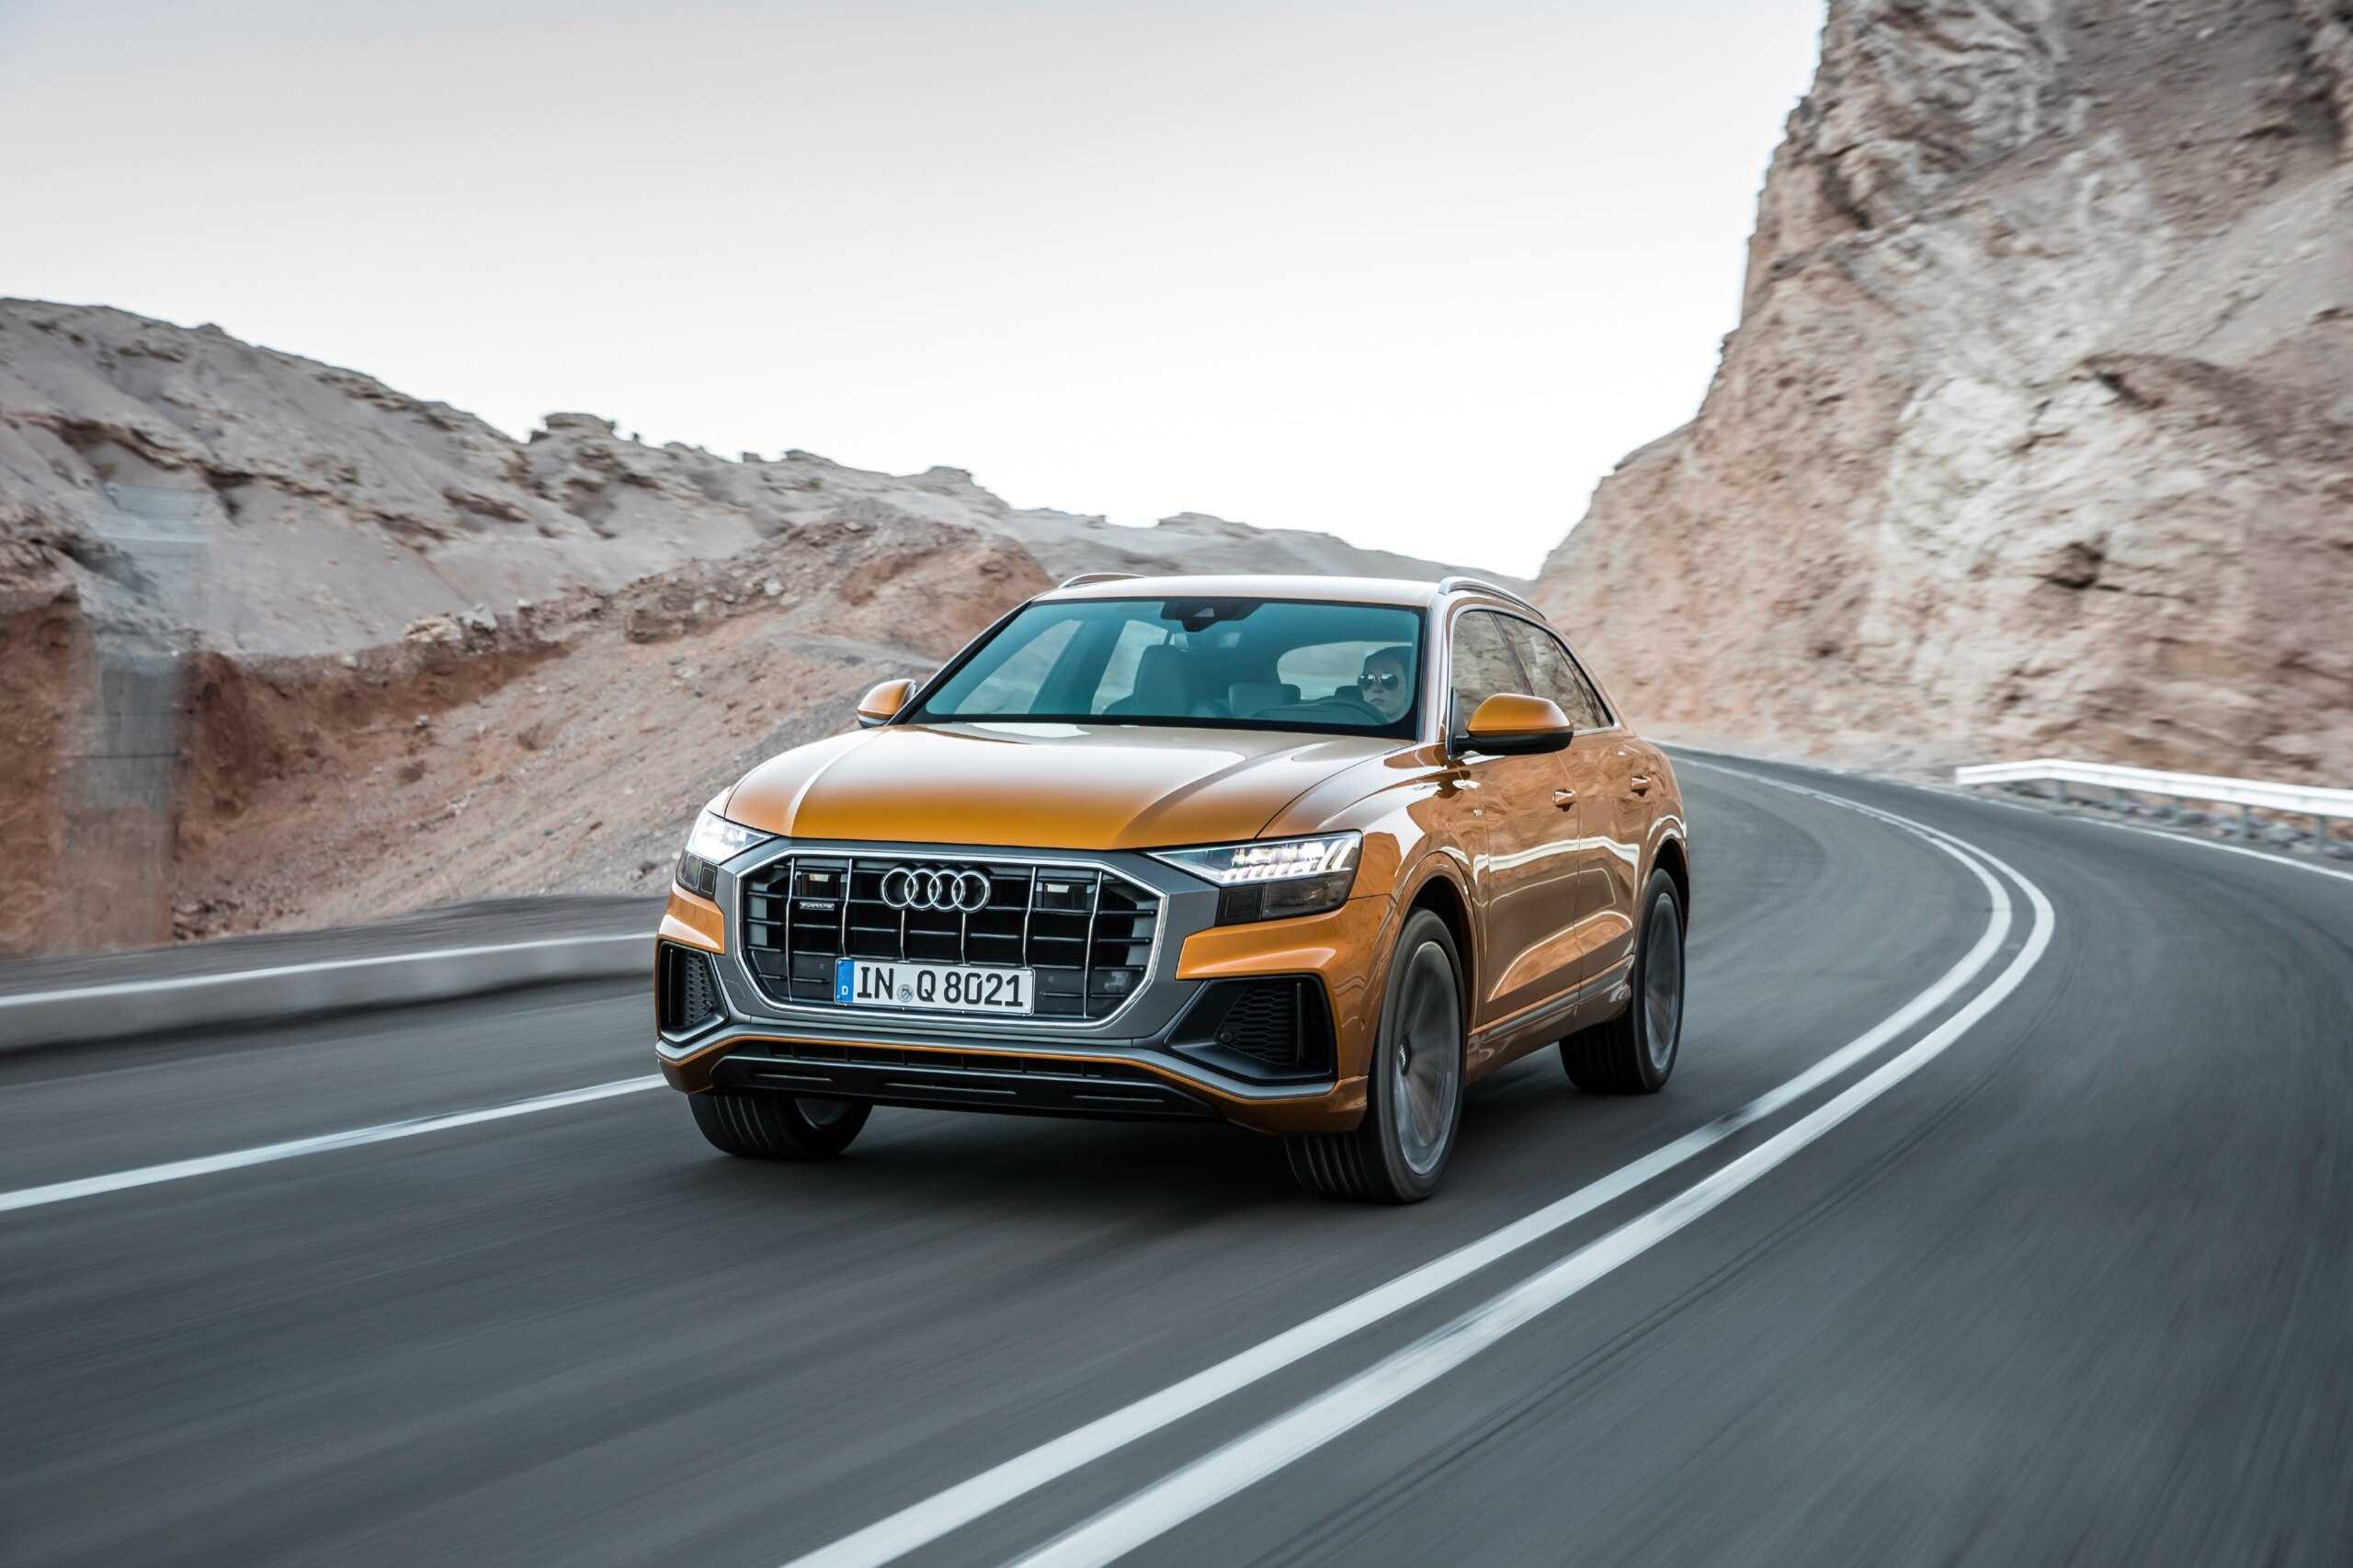 Audi a8 2020 года — один из самых комфортабельных бизнес-седанов с системой автопилотирования